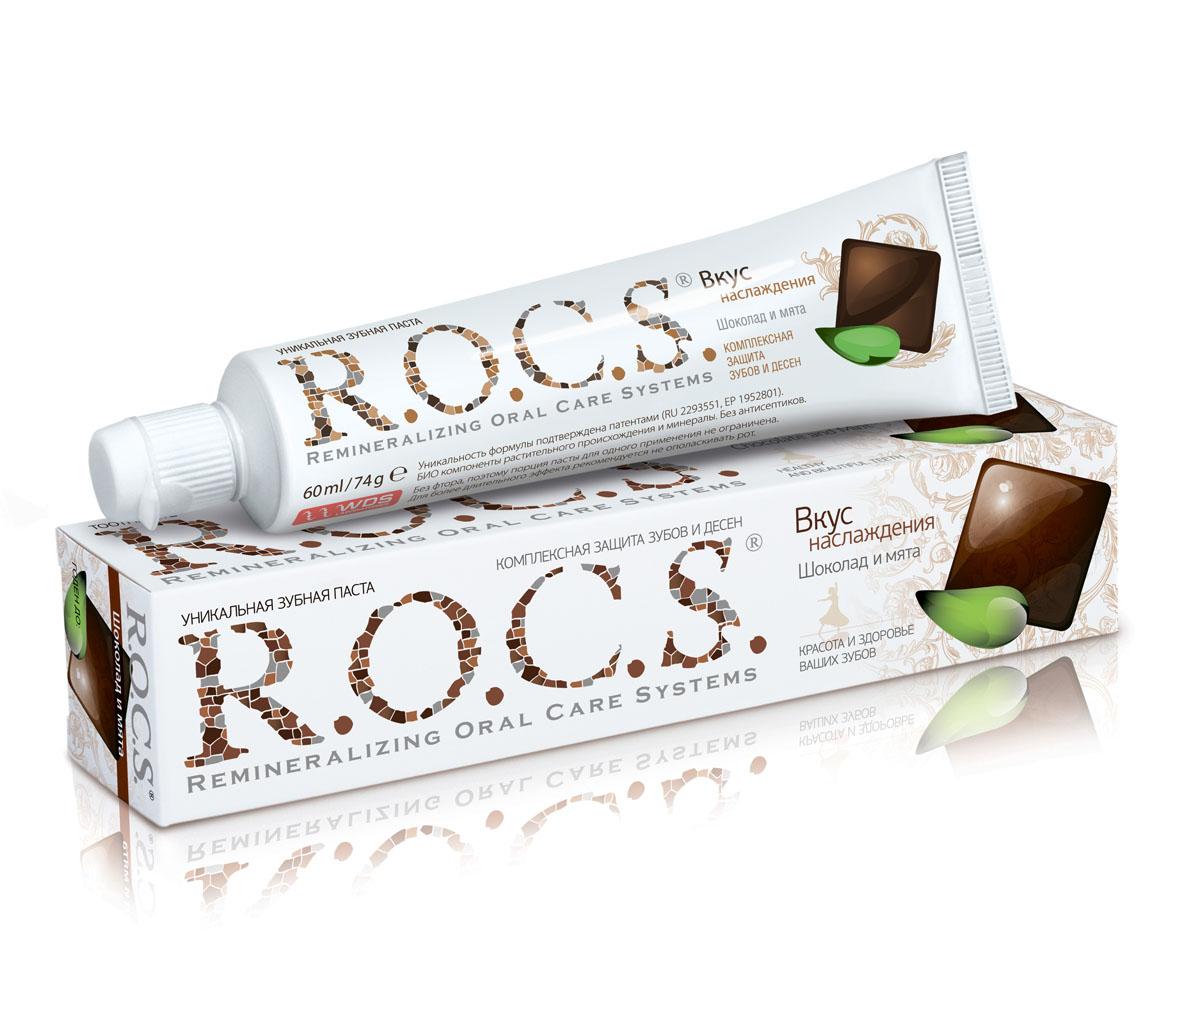 Зубная паста R.O.C.S. Шоколад и мята, 74 гMP59.4DУникальная зубная паста R.O.C.S. Шоколад и мята - комплексная защита зубов и десен. Значительное количество ингредиентов зубной пасты попадает в кровь через слизистую оболочку полости рта в момент чистки зубов. Вот почему так важно, чтобы паста была безопасной. Запатентованная формула R.O.C.S. содержи био-компоненты растительного происхождения, активность которых сохраняется благодаря применяемой низкотемпературной технологии приготовления зубной пасты.Высокая эффективность R.O.C.S. подтверждена клиническими исследованиями: Защищает от кариеса и нормализует состав микрофлоры полости рта;Возвращает белизну и блеск эмали за счет действия ферментативной системы в сочетании с минеральным комплексом;Устраняет кровоточивость и воспаление десен без применения антисептиков. Характеристики: Вес: 74 г. Производитель: Россия. Артикул: 71675. Товар сертифицирован.